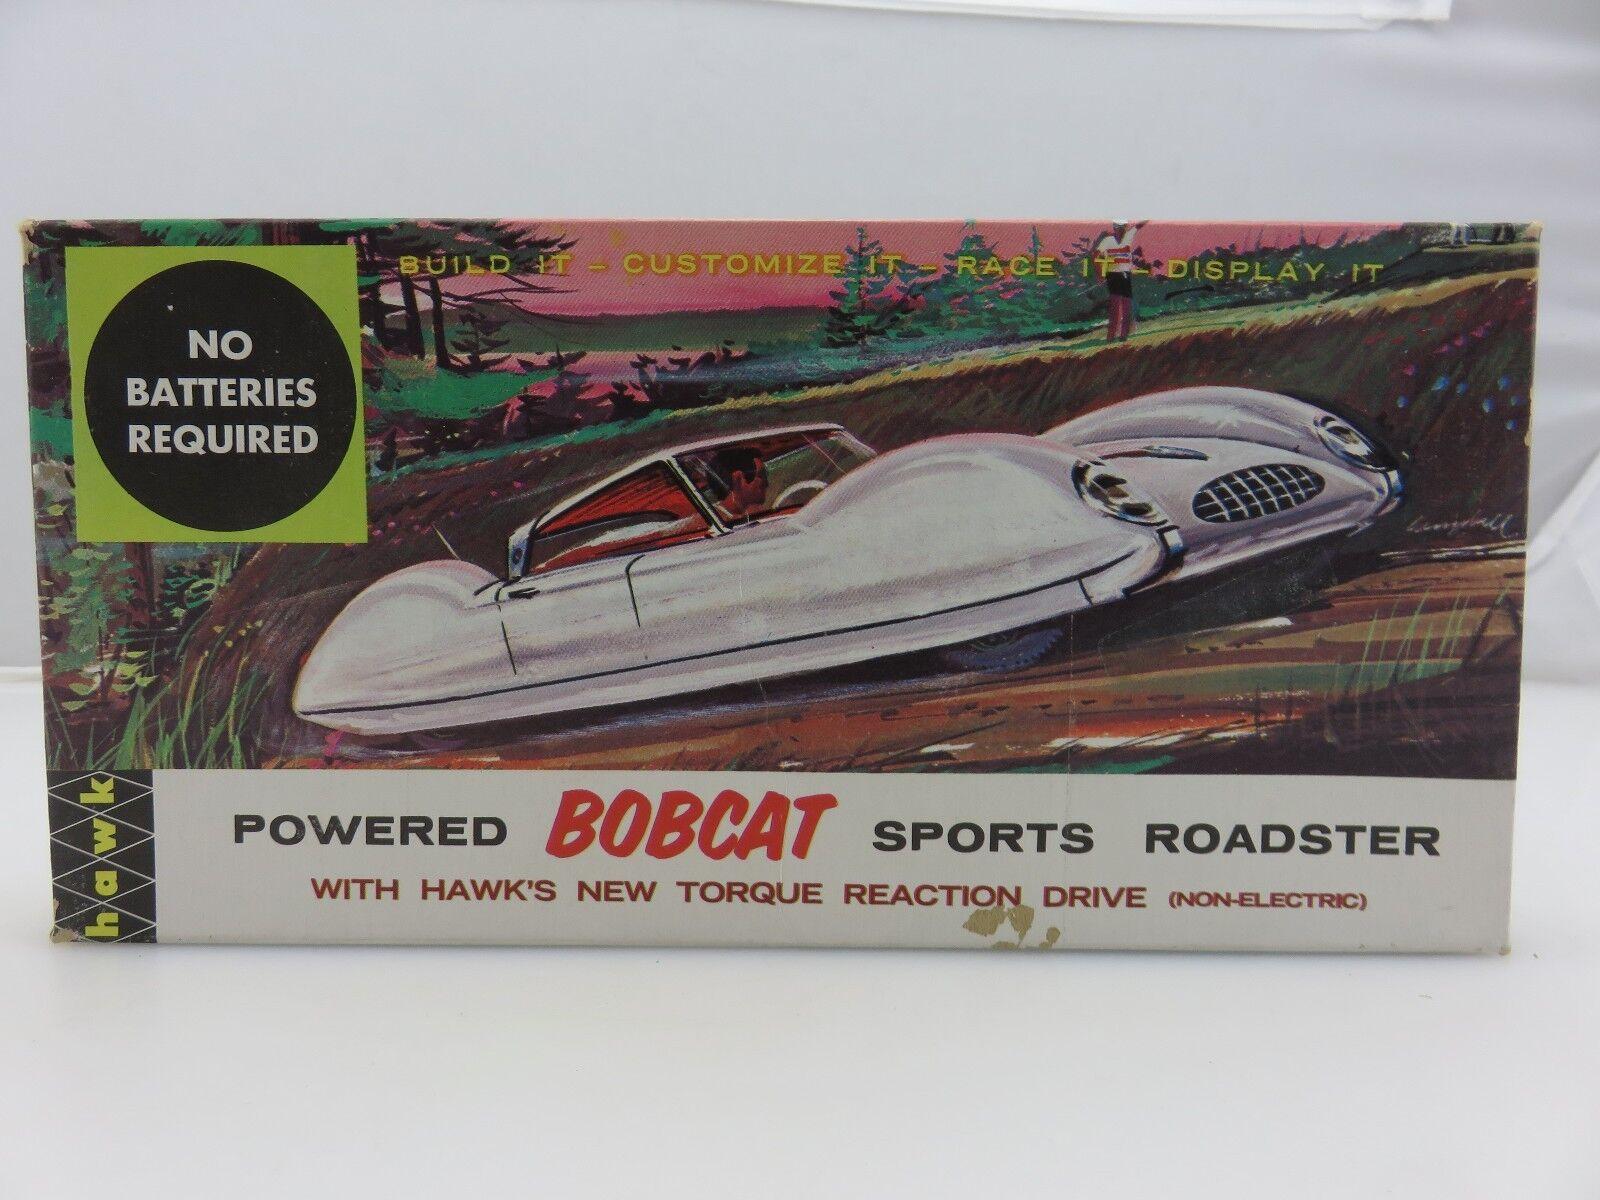 Hawk bobcat - sport - roadster mit rohrstabilisierungseinheit 633 gebaut.